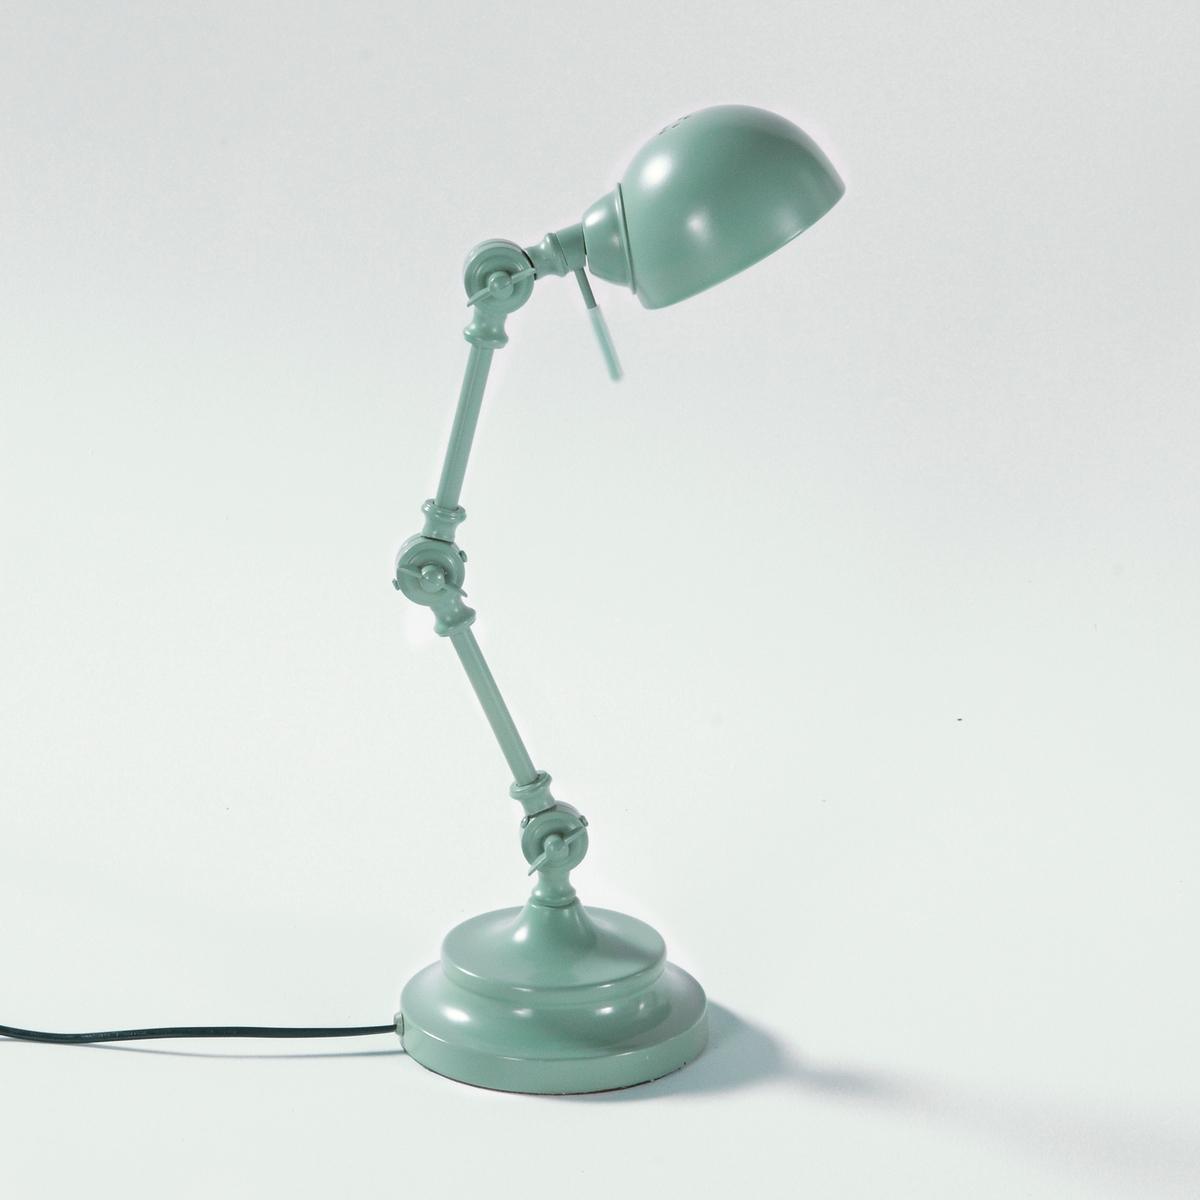 Лампа настольная из металла в промышленном стиле, KikanНастольная лампа немного в стиле ретро, Kikan. Описание настольной лампы из металла в промышленном стиле Kikan :Раздвижной кронштейн из 3 регулируемых шарниров. Патрон E14 для компактной флуоресцентной лампы макс. 7 Вт (продается отдельно). Настольная лампа из металла в промышленном стиле совместима с лампами класса энергопотребления : A.  Характеристики настольной лампы из металла в промышленном стиле Kikan :Из металлаХромированное покрытие черного цвета или цвета синий деним. Всю коллекцию светильников вы можете найти на сайте laredoute.ru.  Размеры настольной лампы из металла в промышленном стиле Kikan :Подставка :Диаметр : 16 смАбажур : Диаметр : 11,5 смОбщие размеры :Высота : 40 см.<br><br>Цвет: серо-зеленый